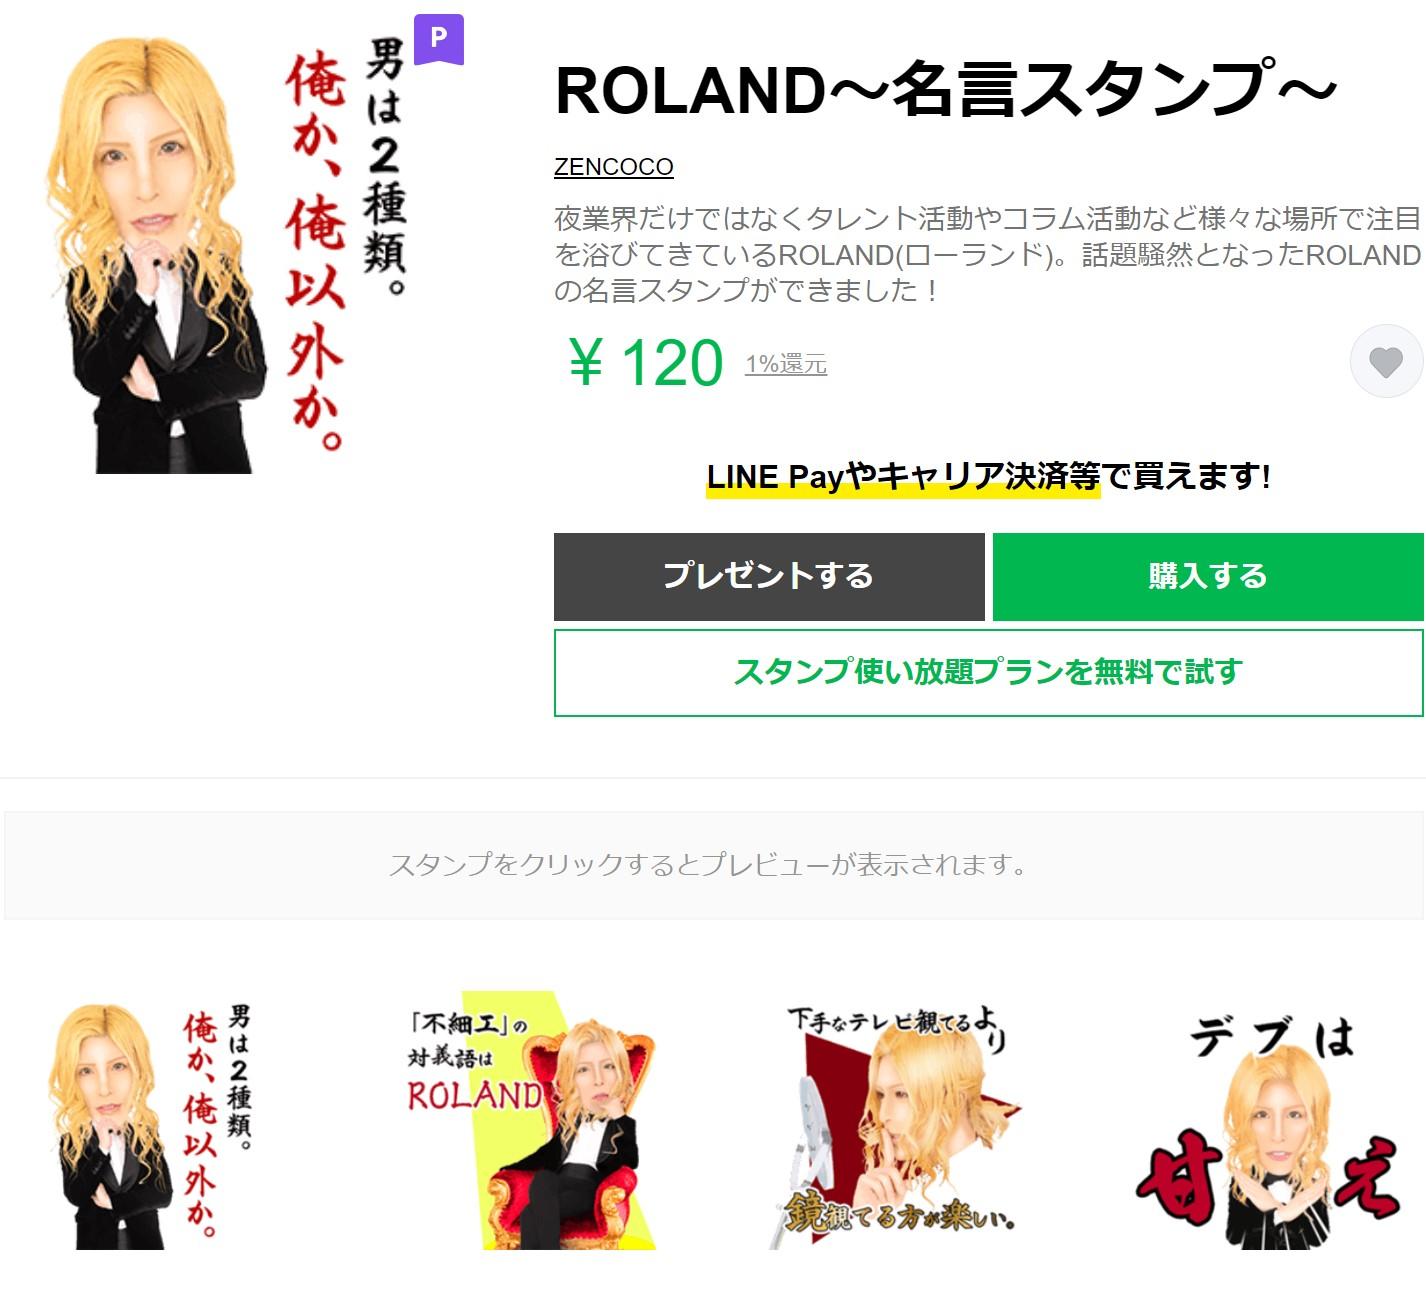 画像:「ROLAND〜名言スタンプ〜」(ZENCOCO)より